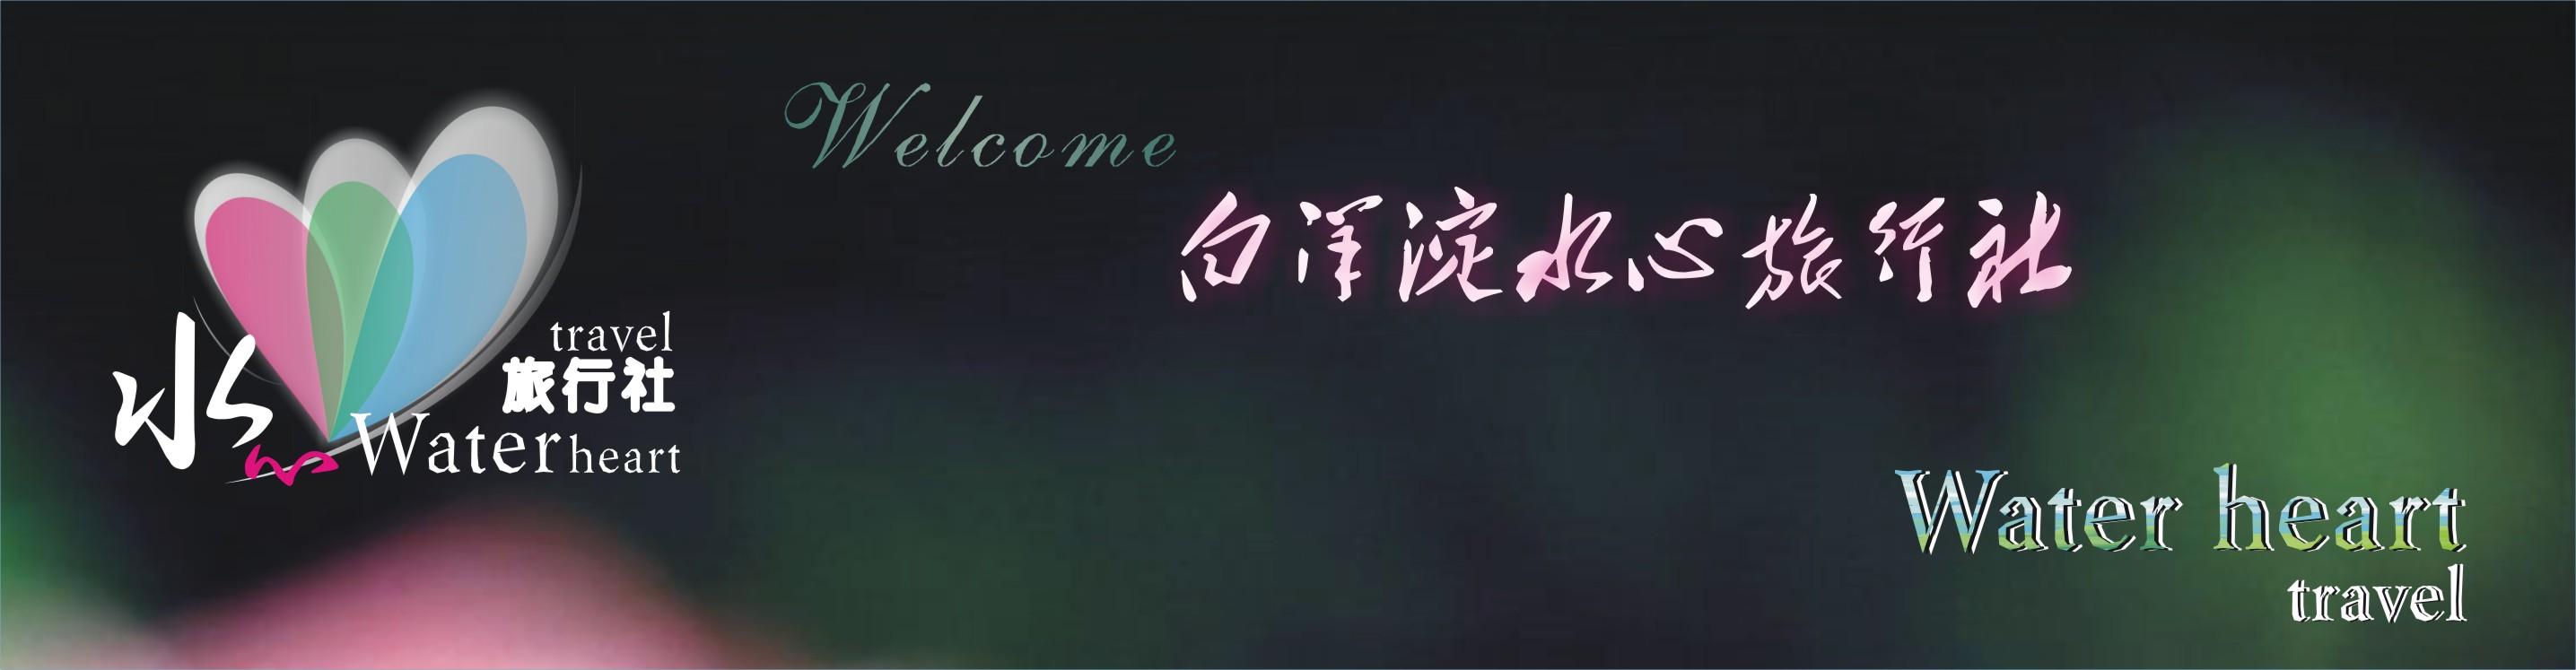 旅行社logo与banner设计